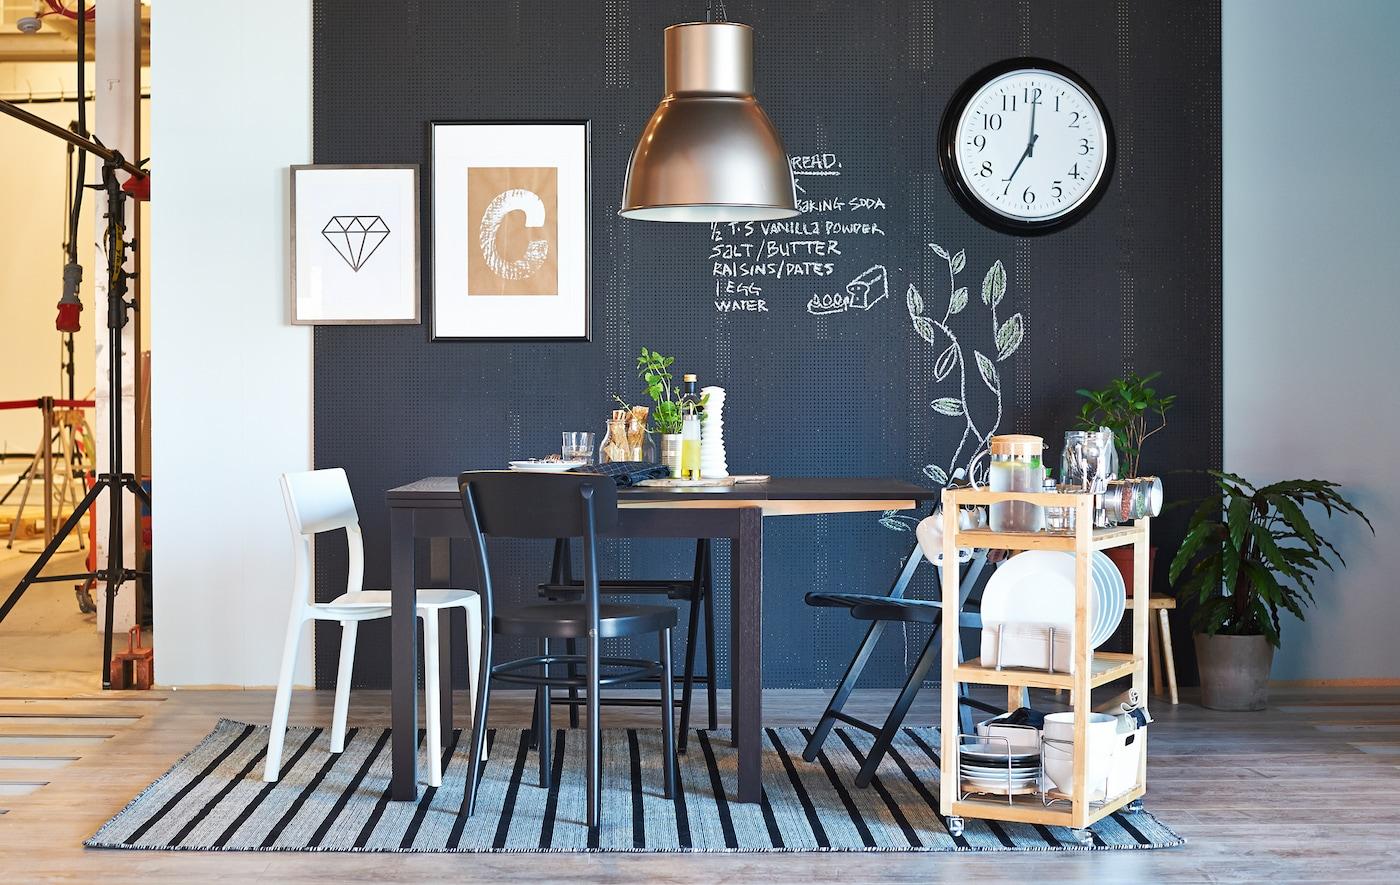 Coin repas devant un mur noir avec vaisselle et petit déjeuner posés sur une desserte